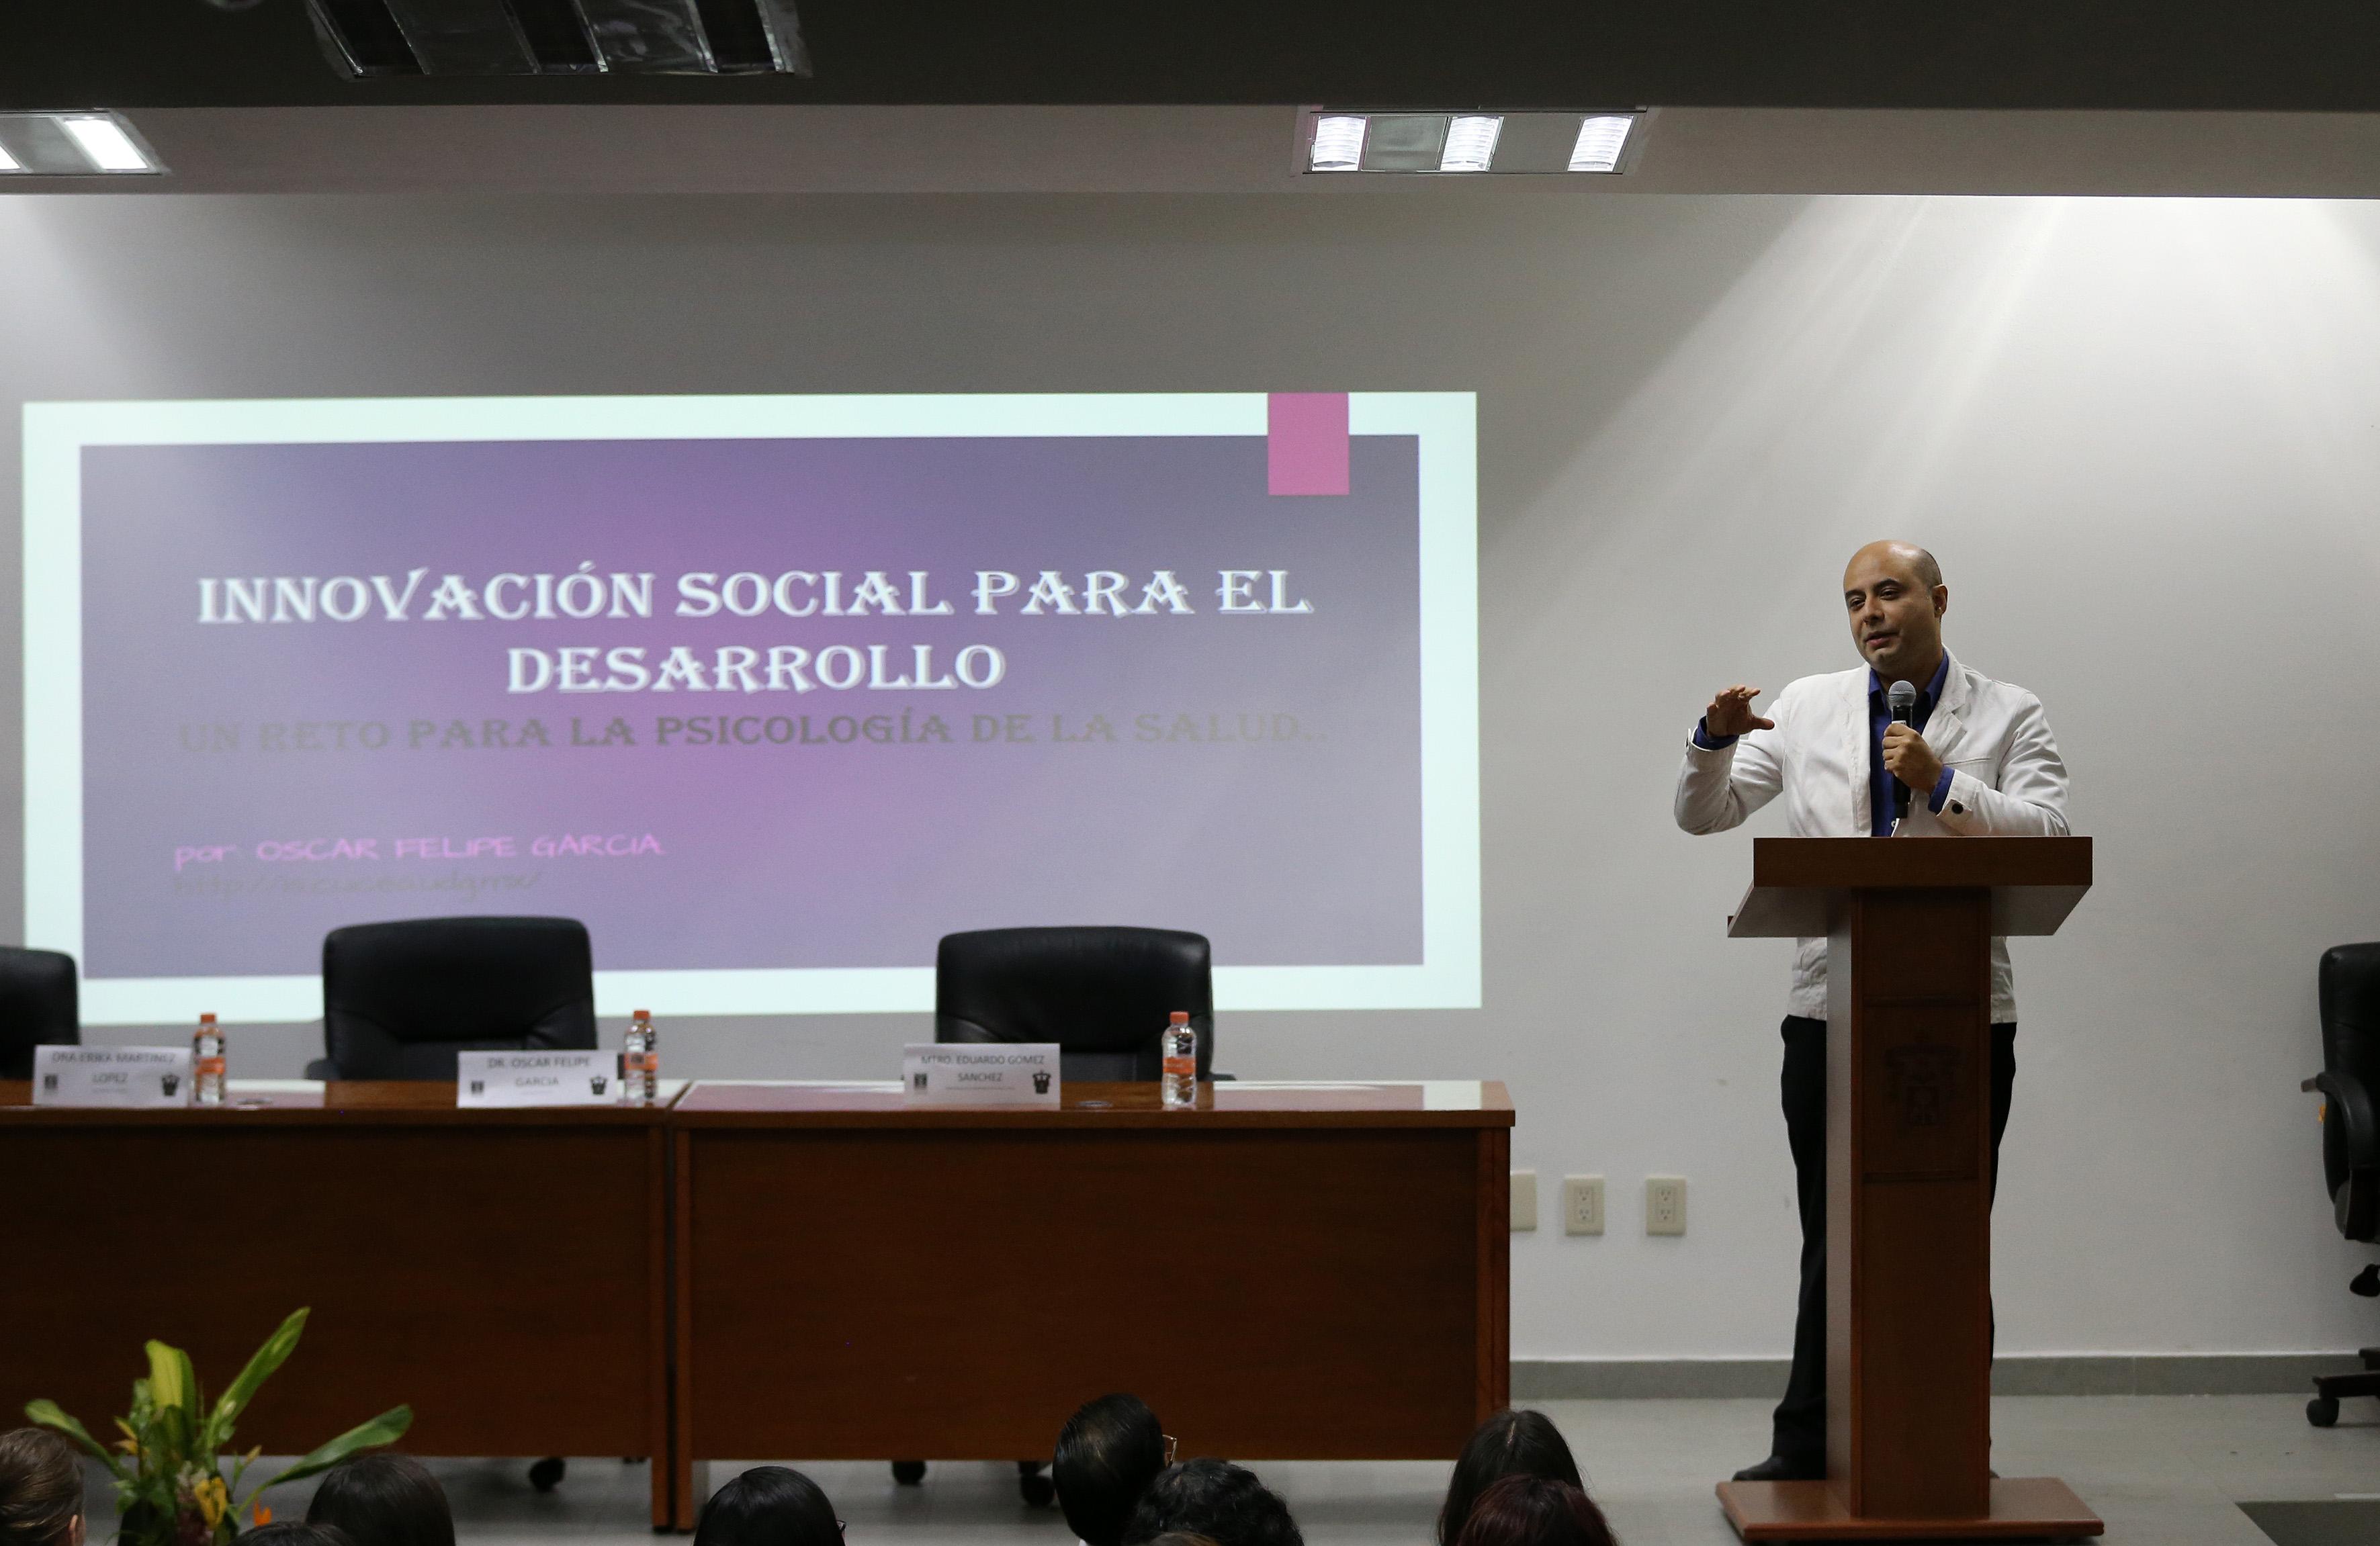 Dr. Óscar Felipe García, impartiendo conferencia